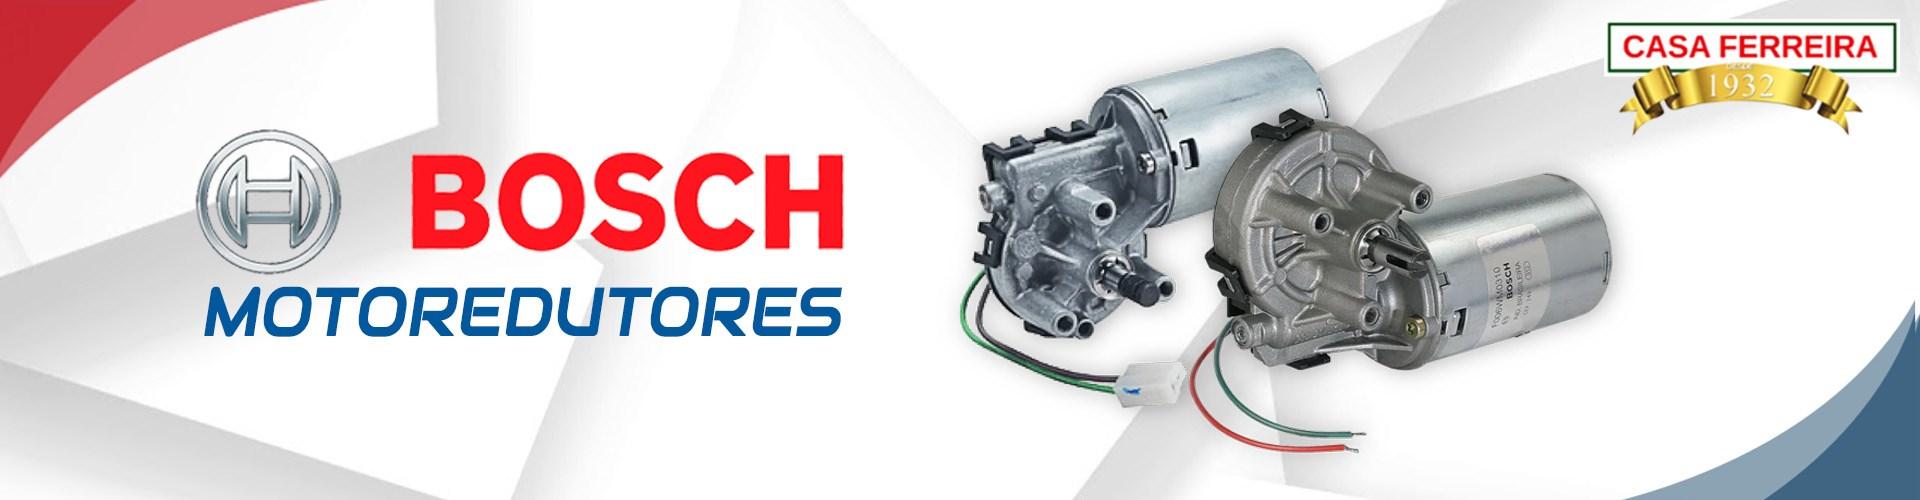 Motoredutores Bosch